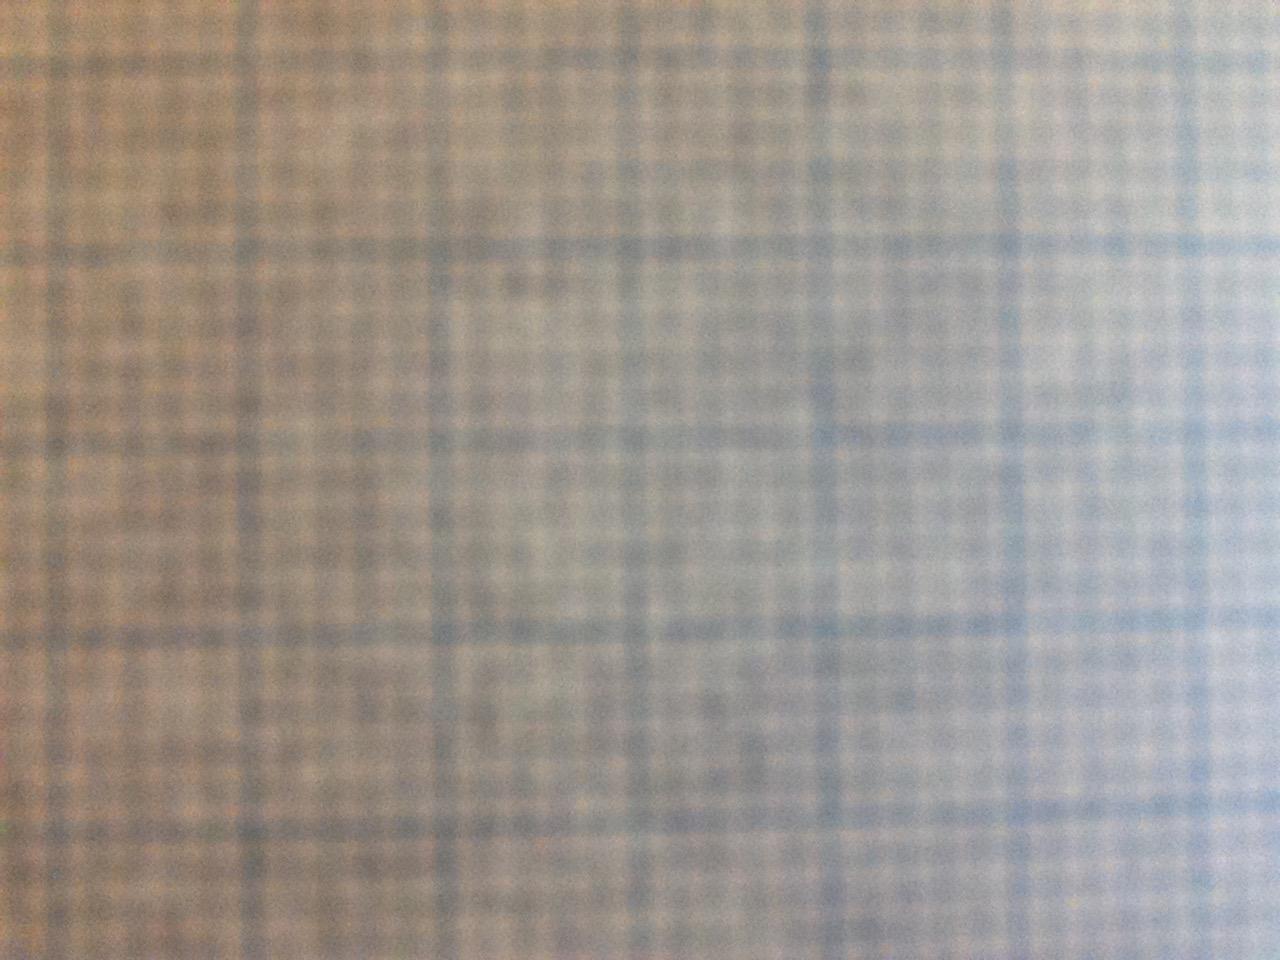 Image d'une feuille de papier millimétré